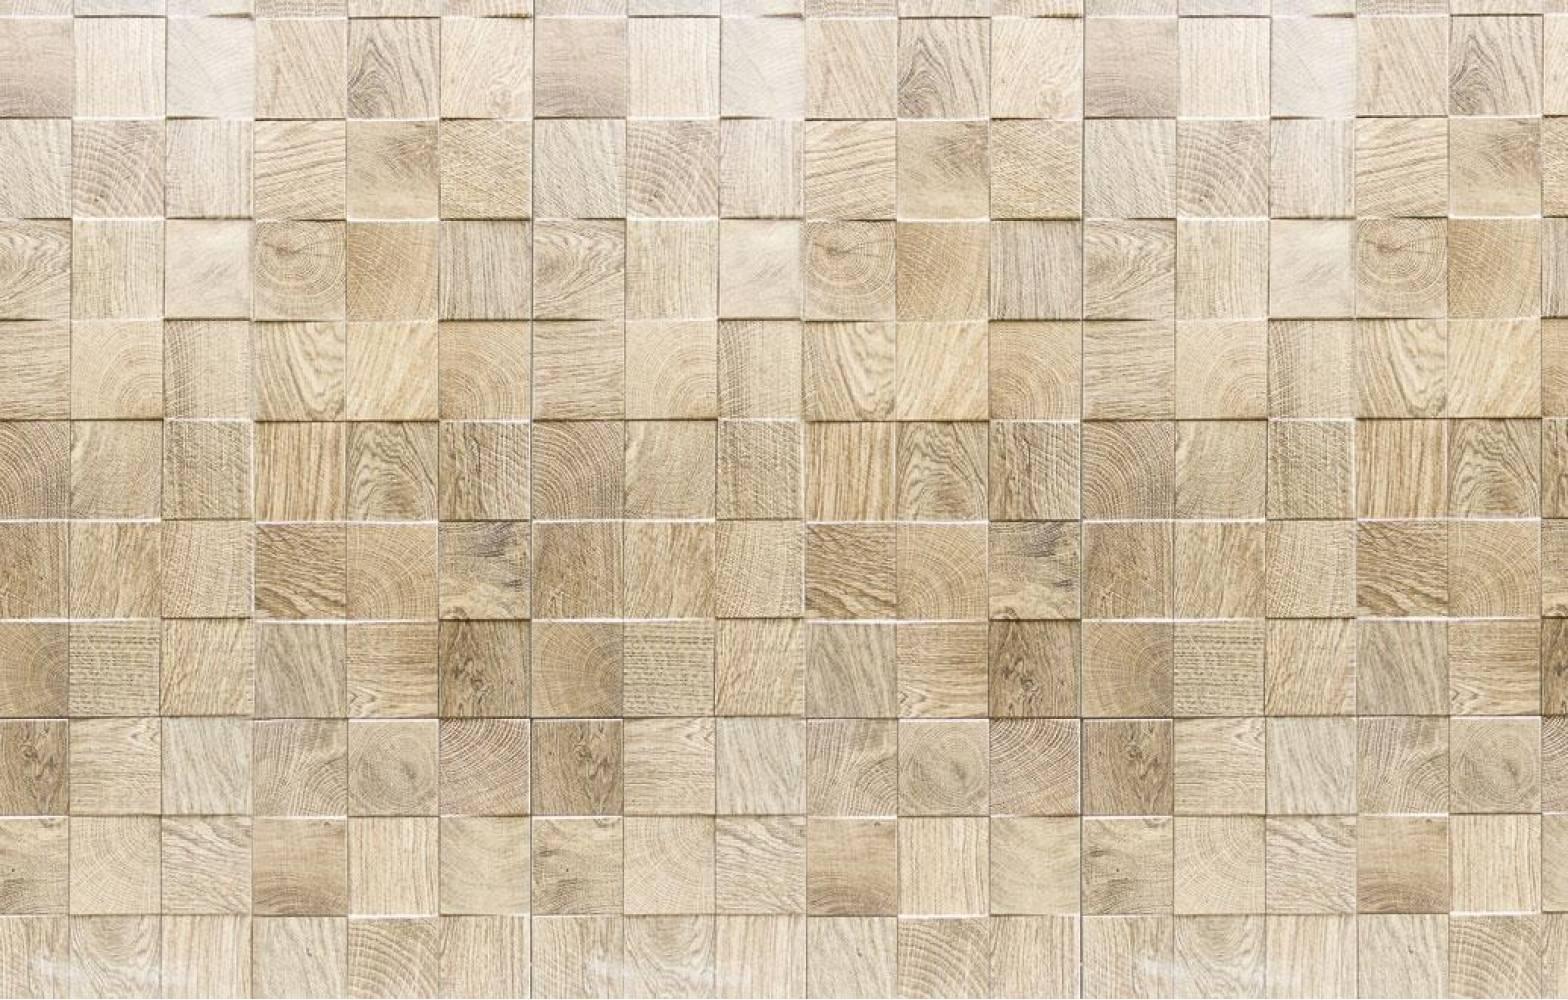 Кухонная панель 930 мм AL-11 Деревянная плитка Матовая ALDIO